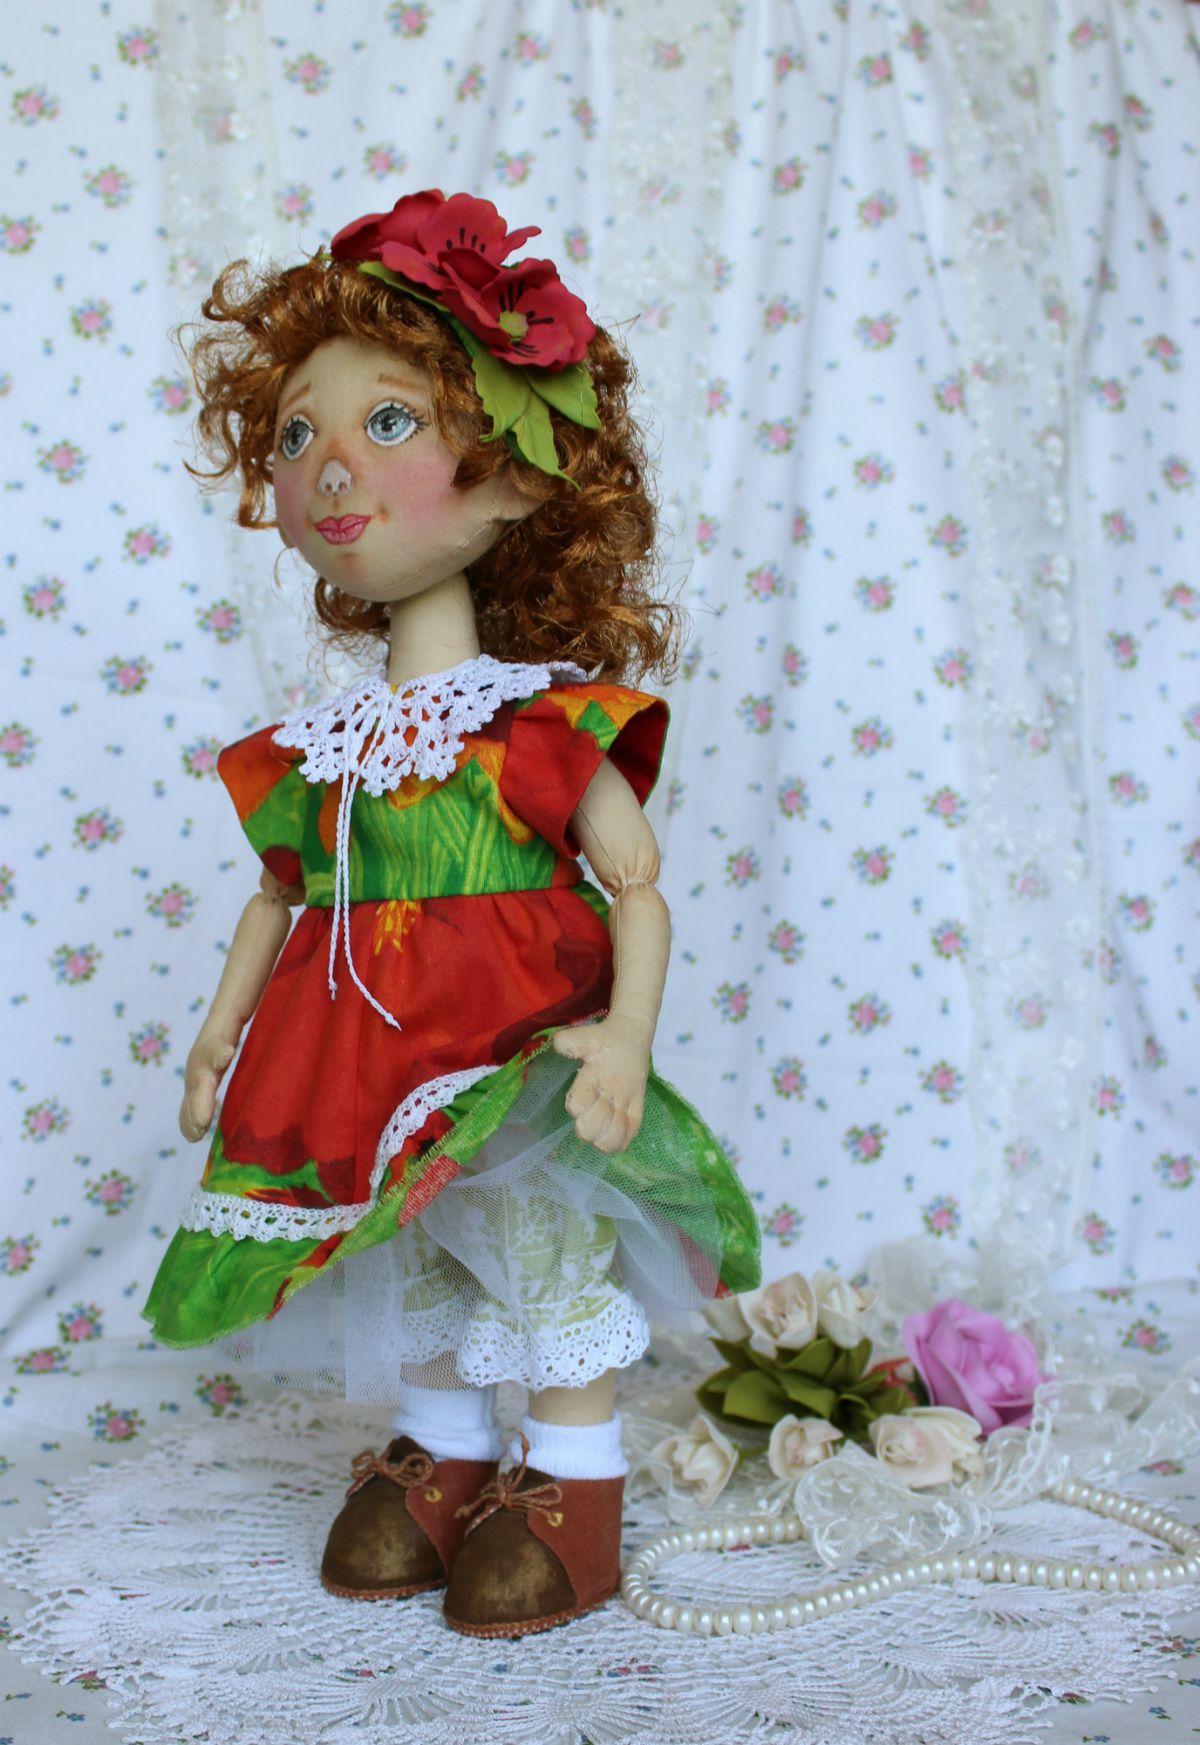 любимая подарок кукла купить одежде съемной куклу текстильная девочке